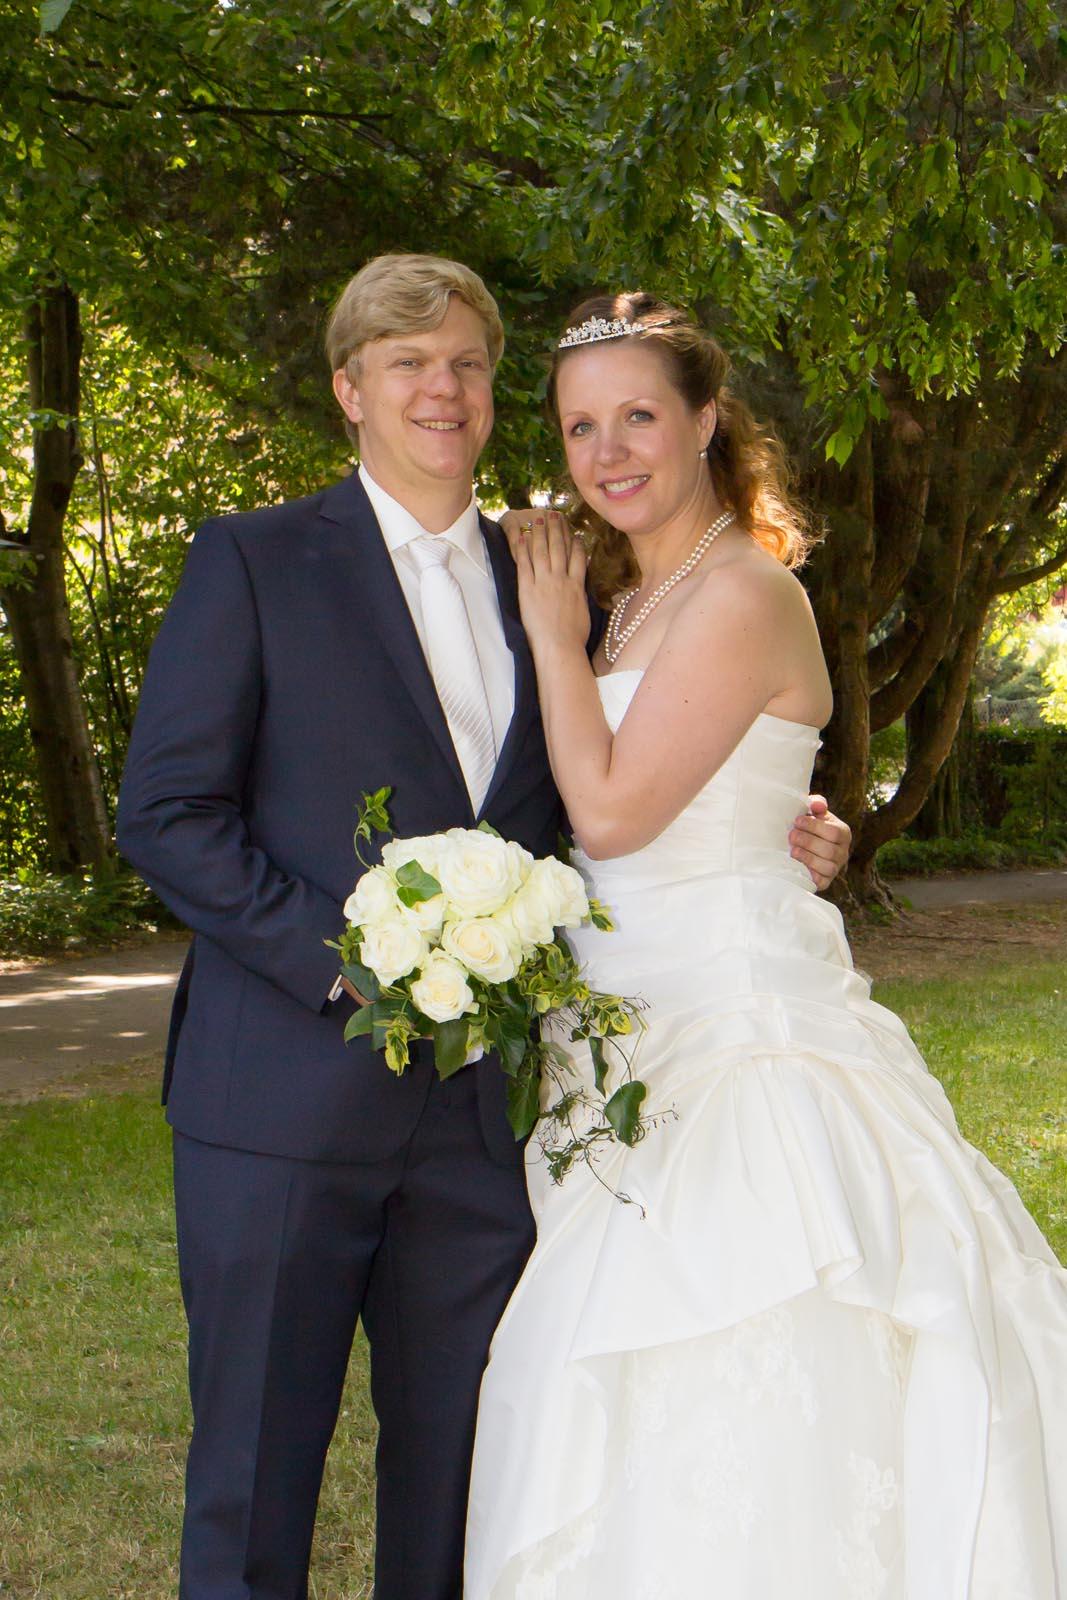 Hochzeit-Portraits-Oettl-Hochzeit-Oettl-2838.jpg